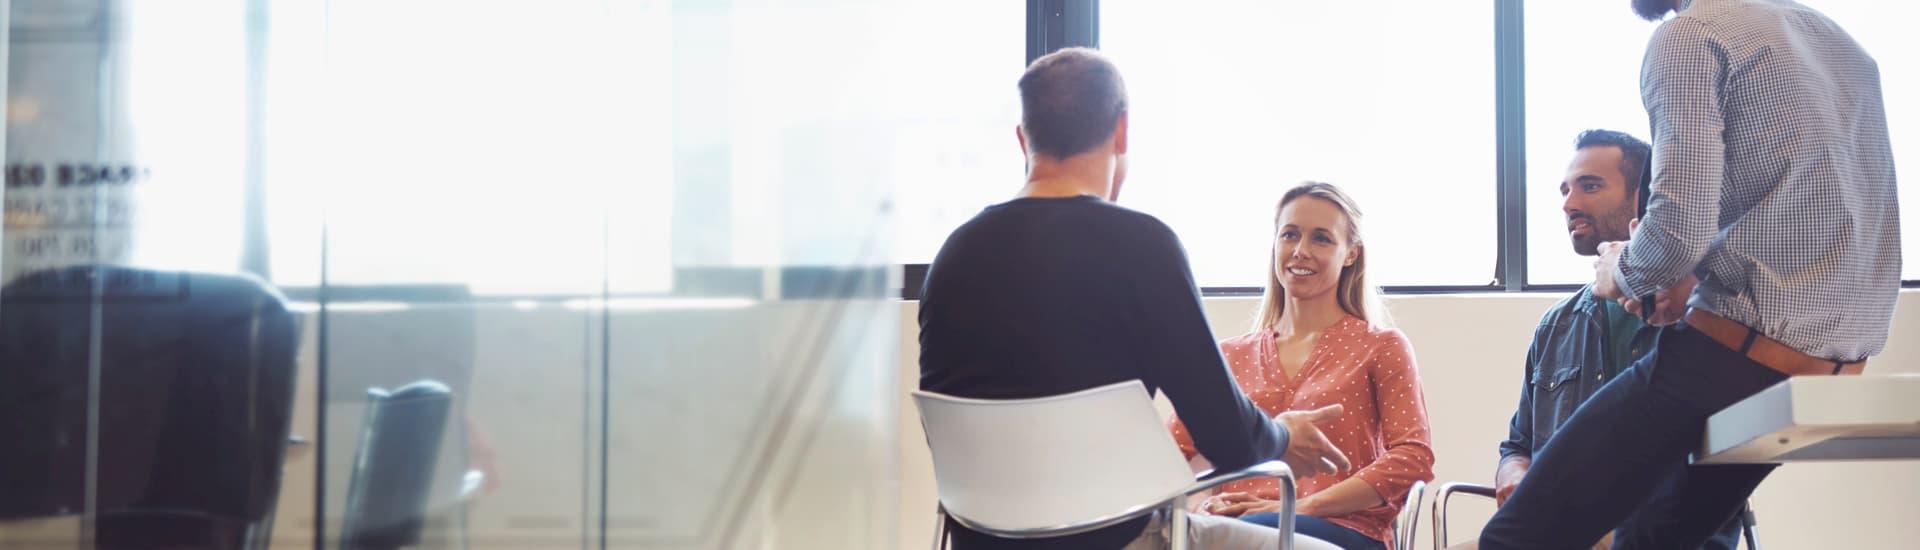 Avointen työpaikkojen löytäminen – montako työnhakukanavaa sinä tunnet?